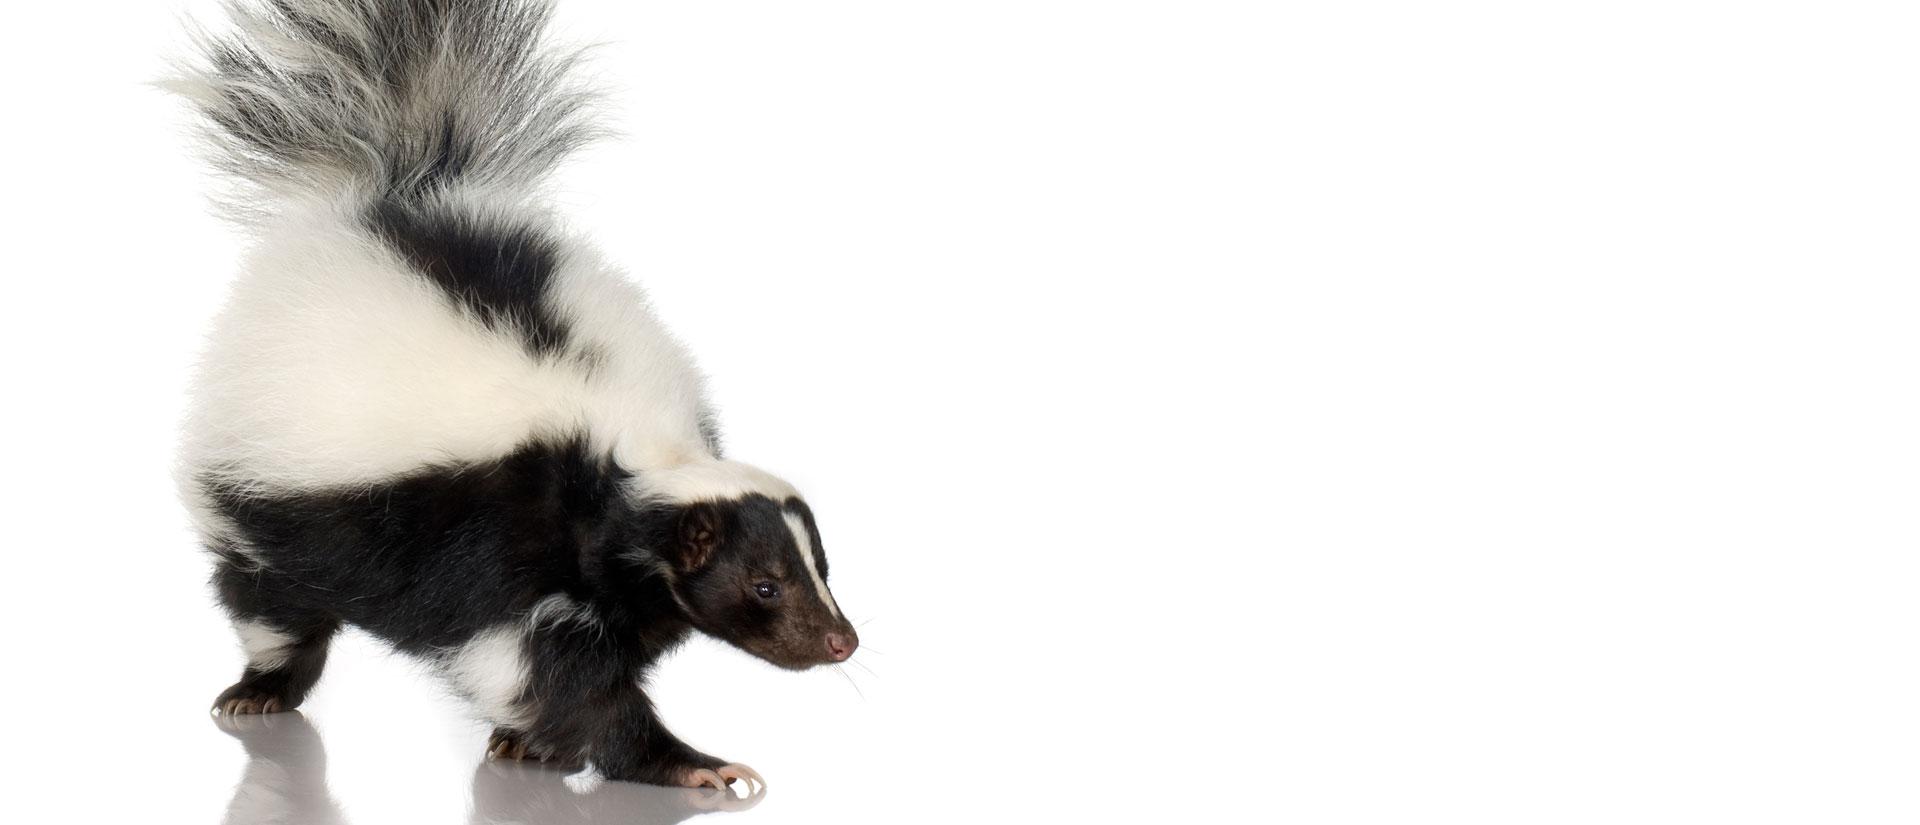 skunk removal ottawa- gatineau